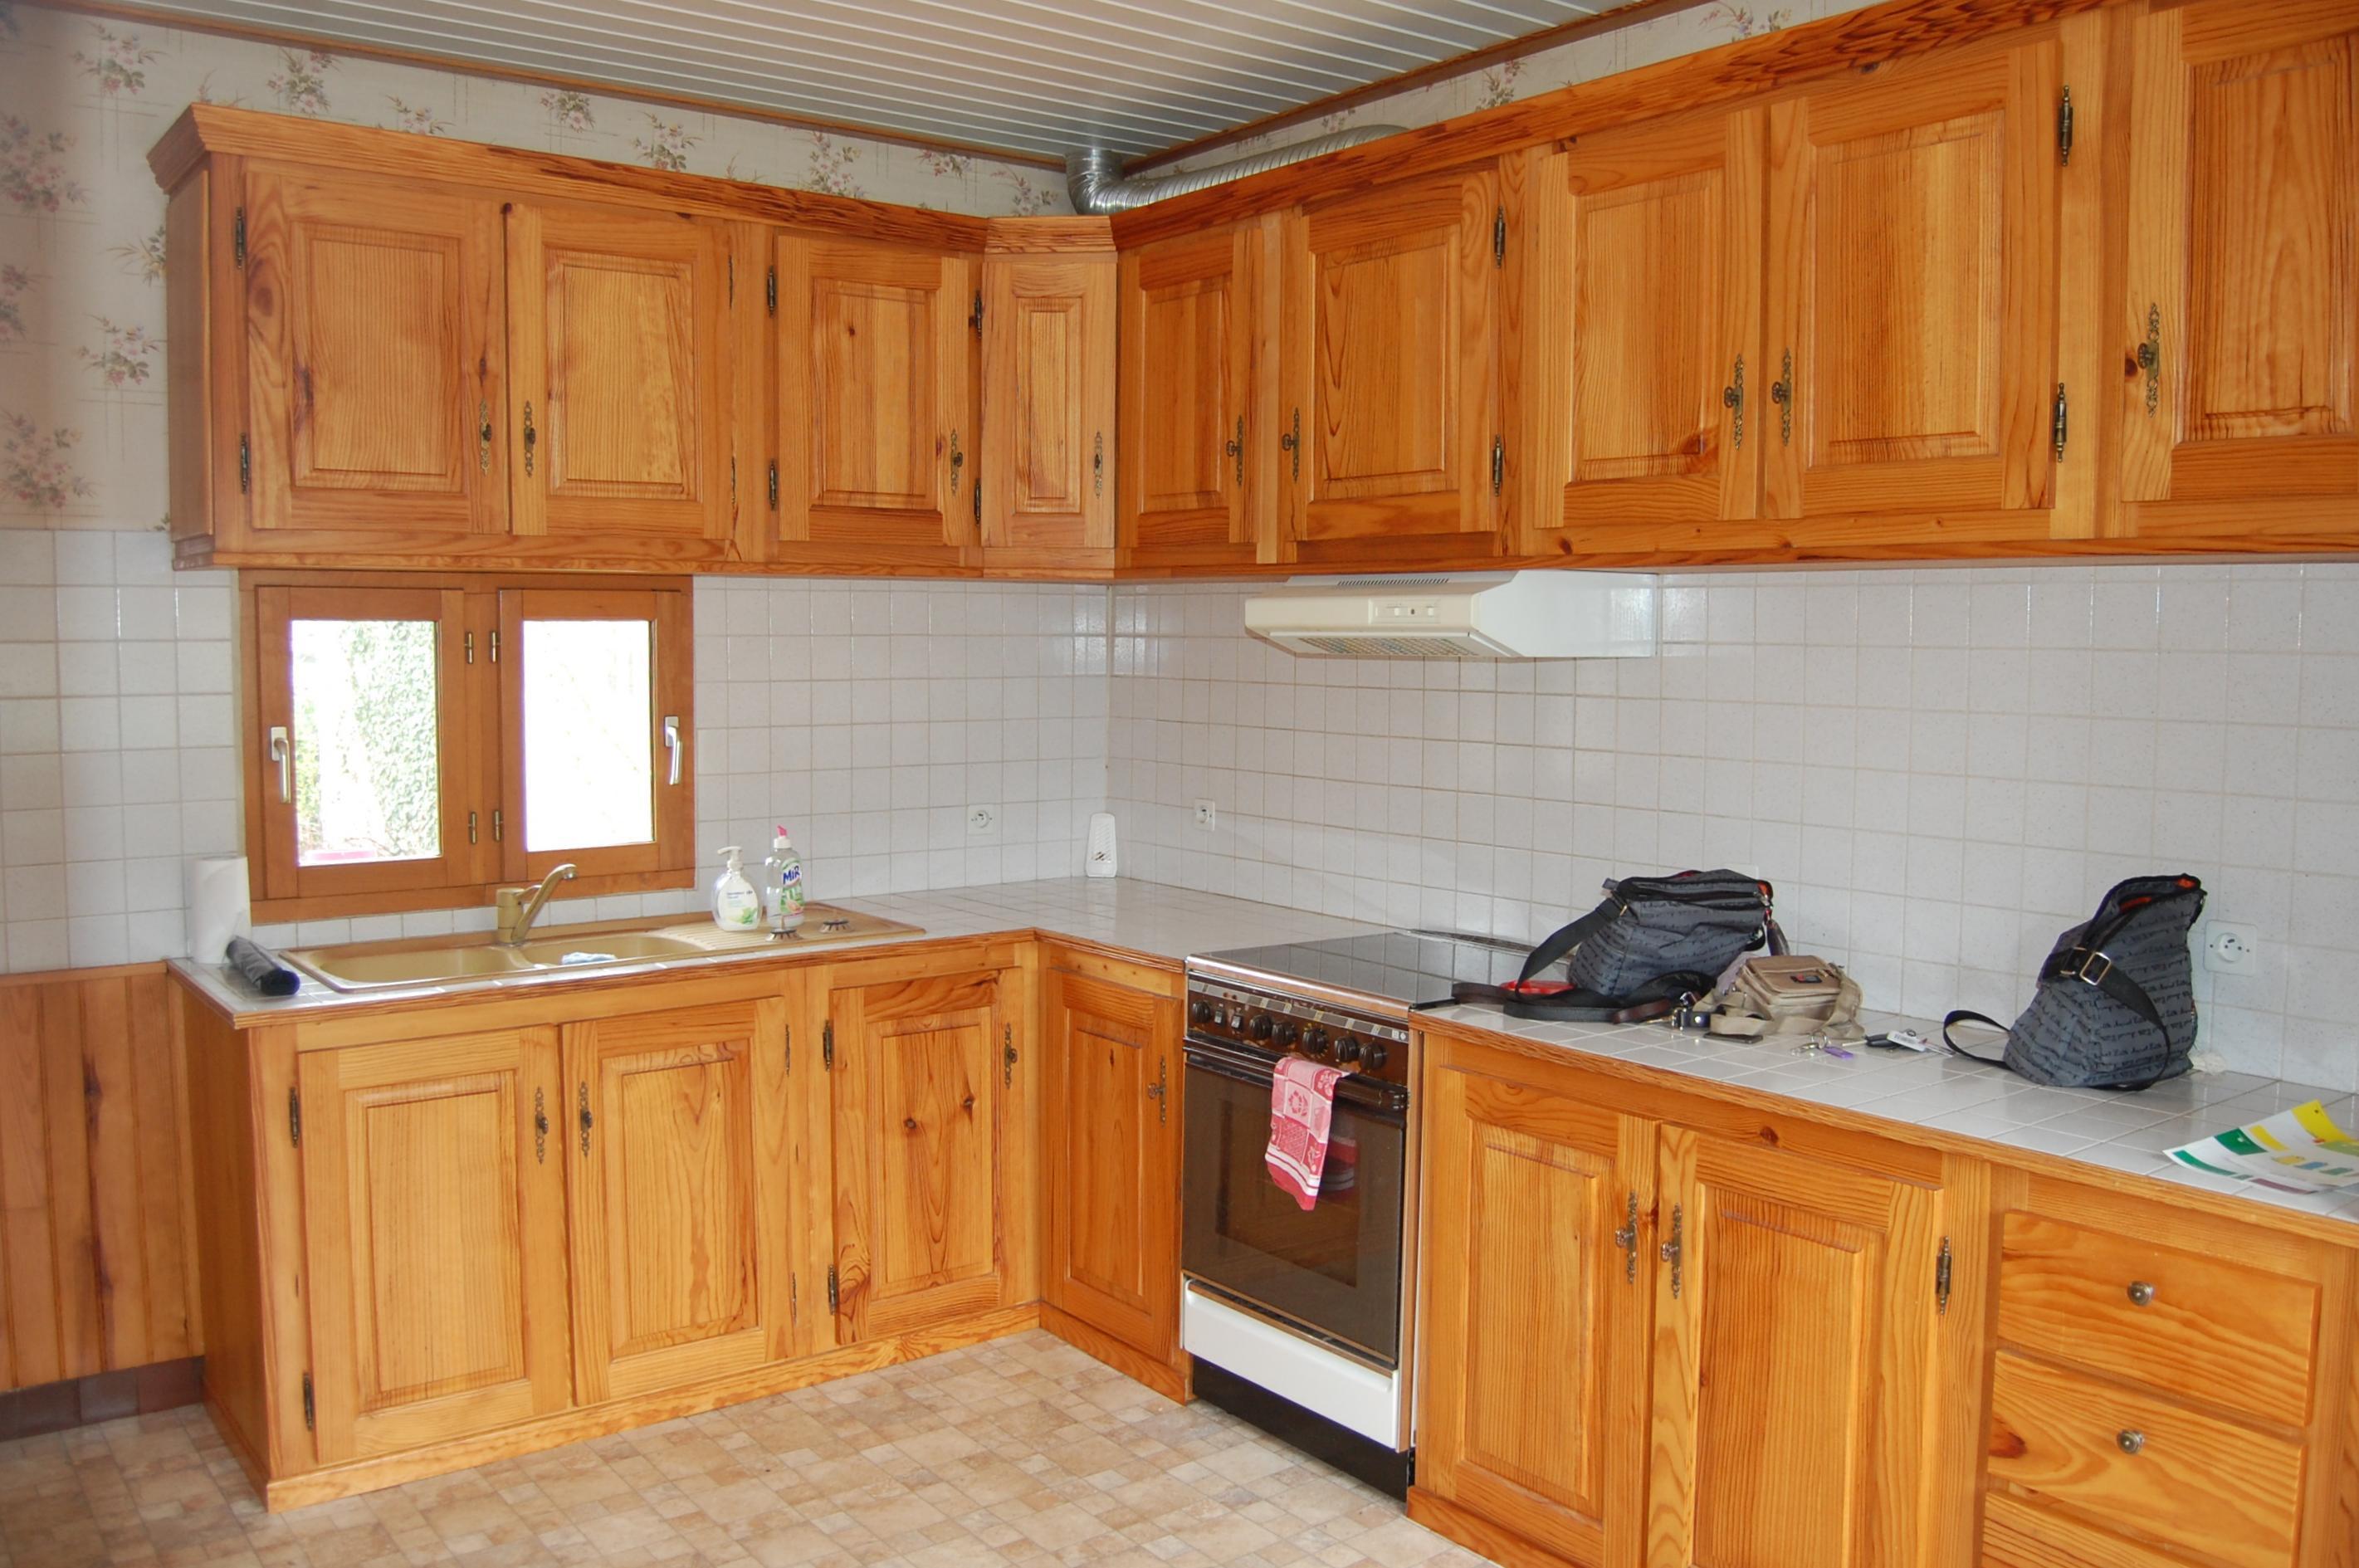 Changer couleur meuble de cuisine for Peinture meuble bois cuisine